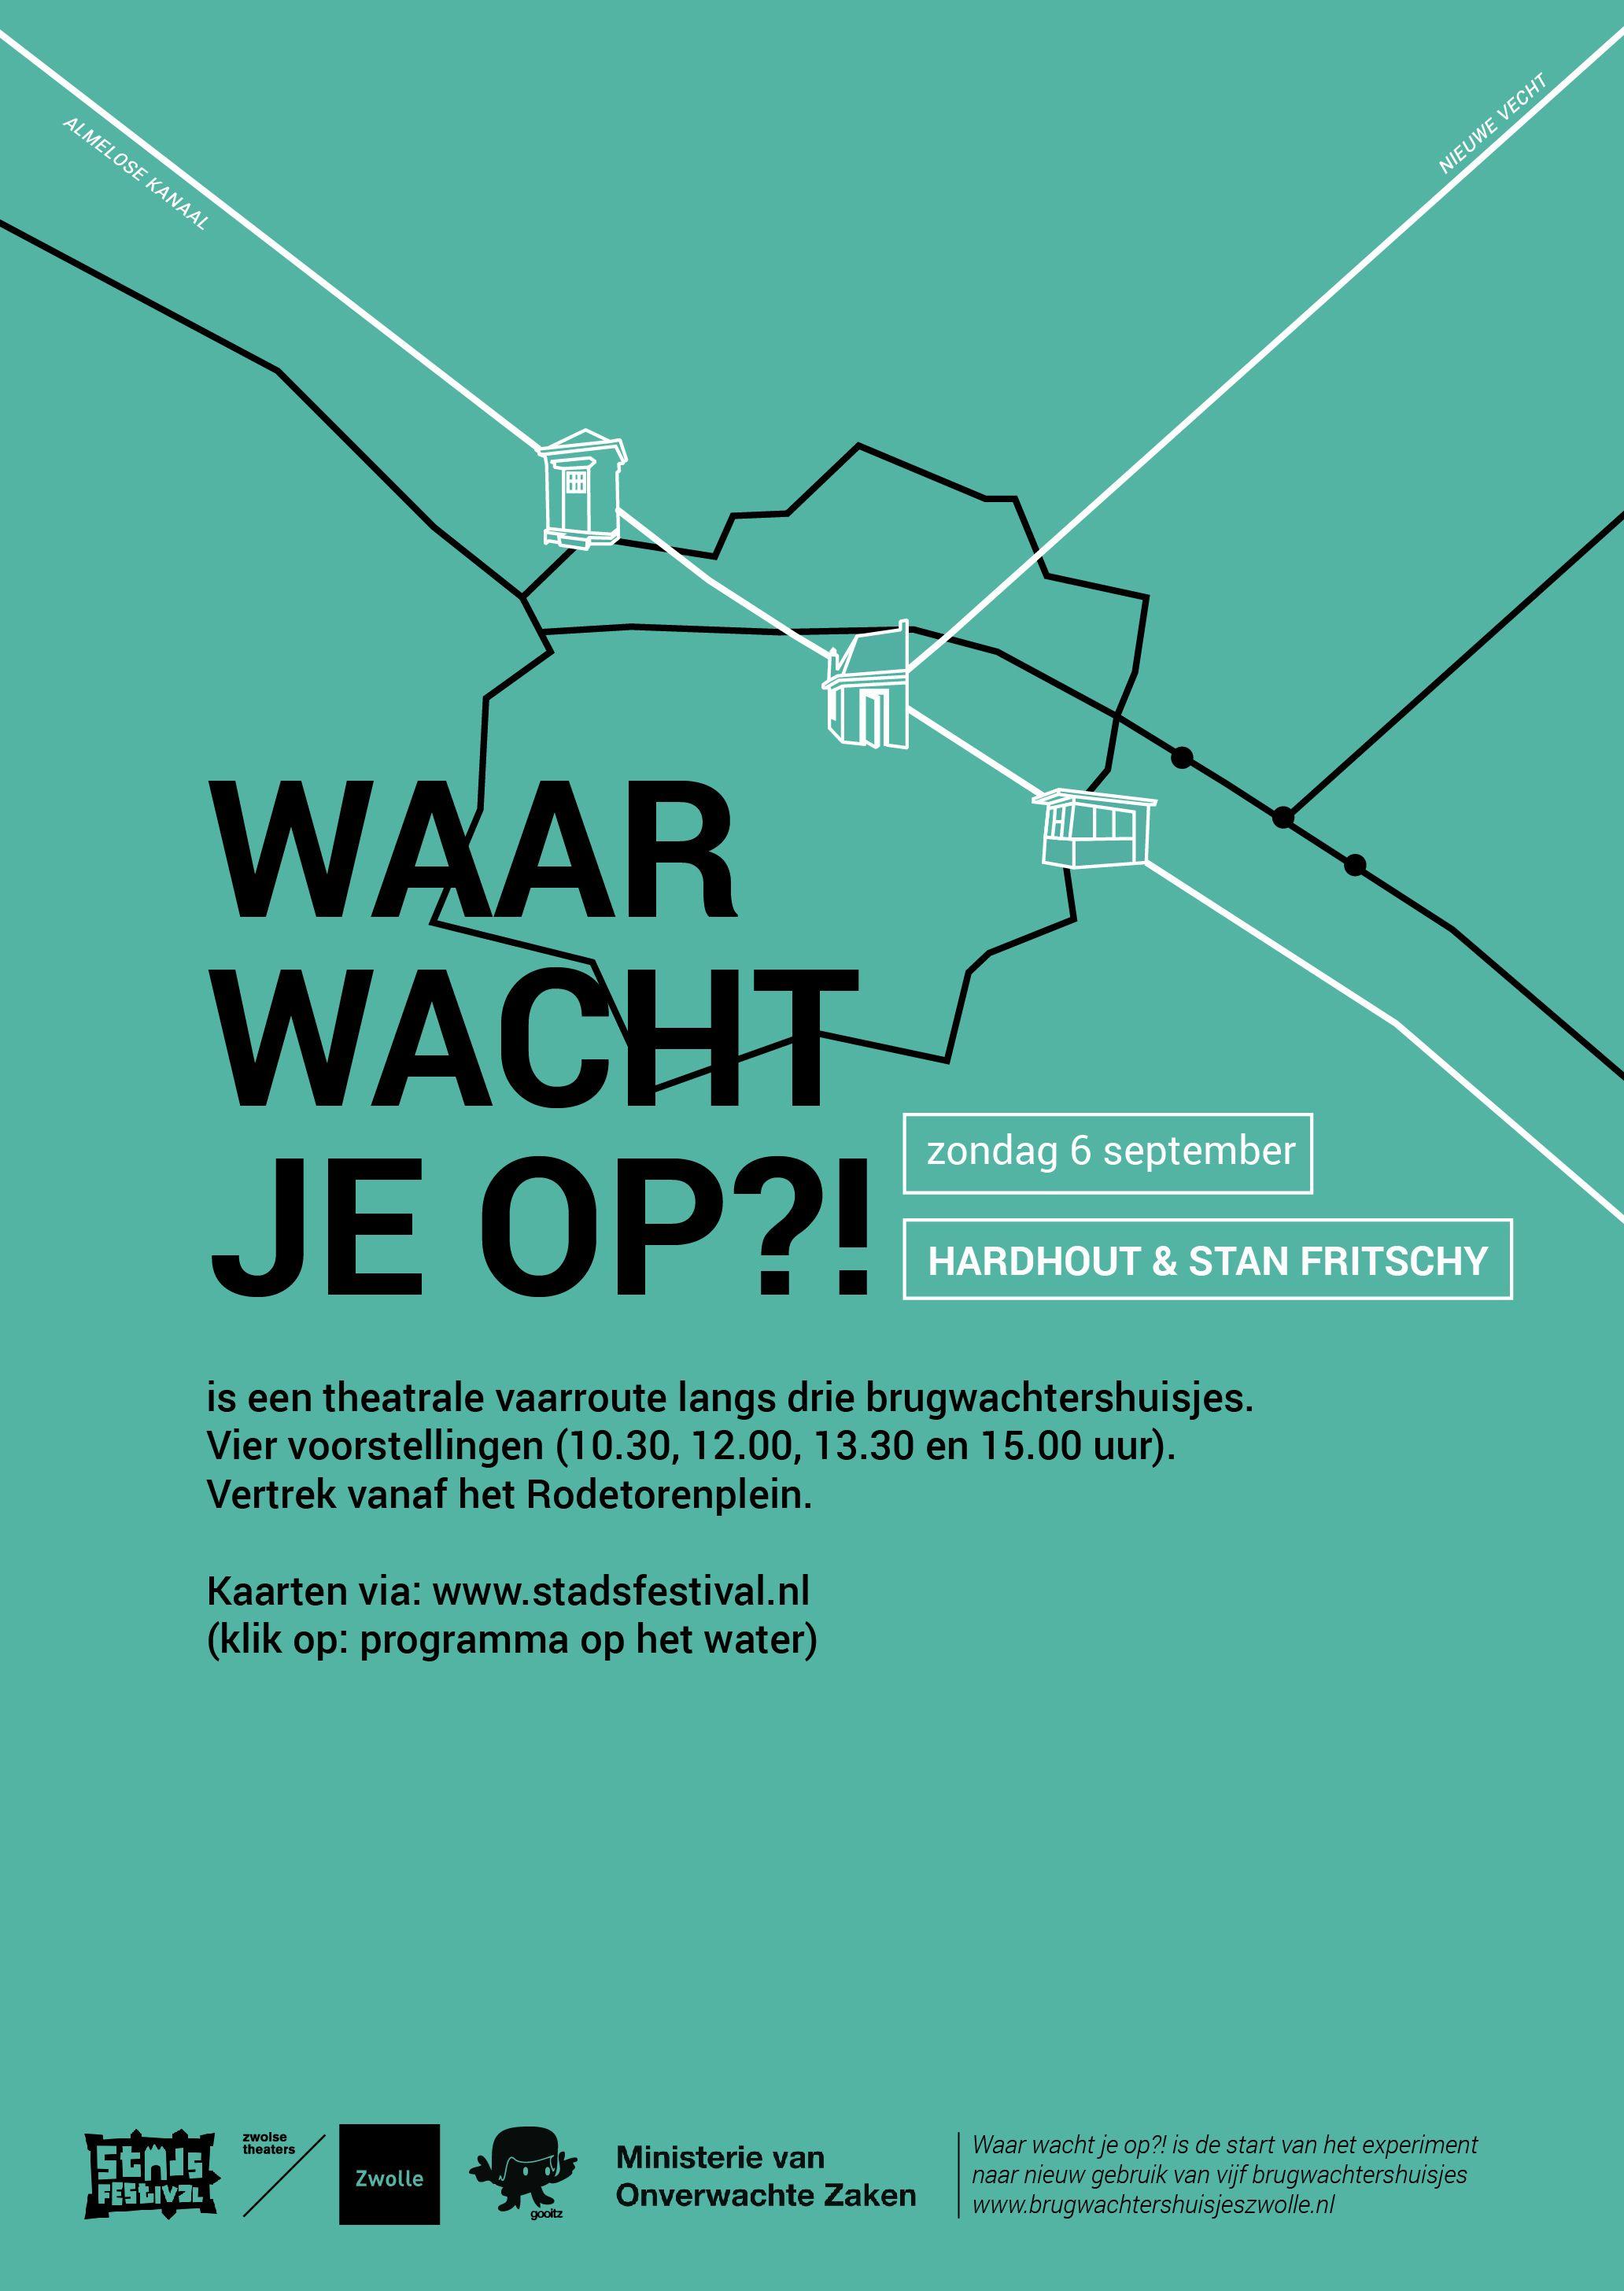 Echter ontwerp, Willemieke van den Brink, Gooitske Zijlstra, Anne Marth Kuilder, Waar wacht je op, Zwolle